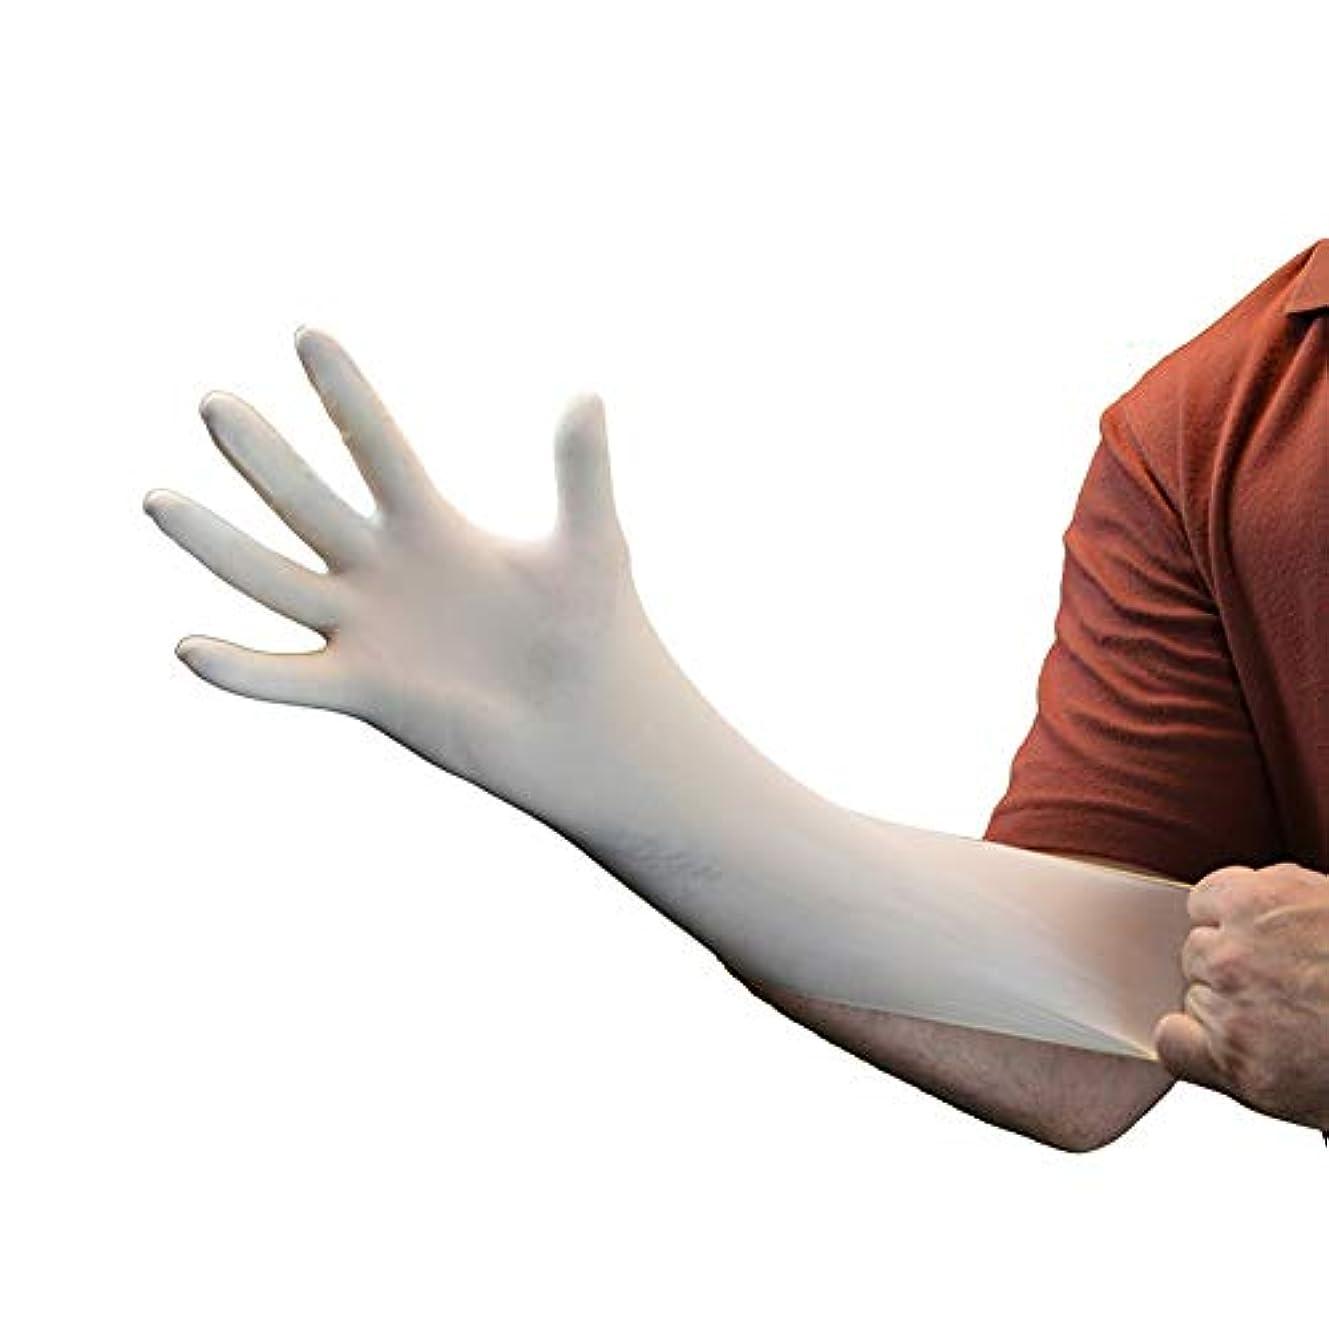 見積り保証と使い捨てラテックス手袋 - パウダーフリーの歯科技工所労働保護製品をマッサージ YANW (Color : White, Size : XS)